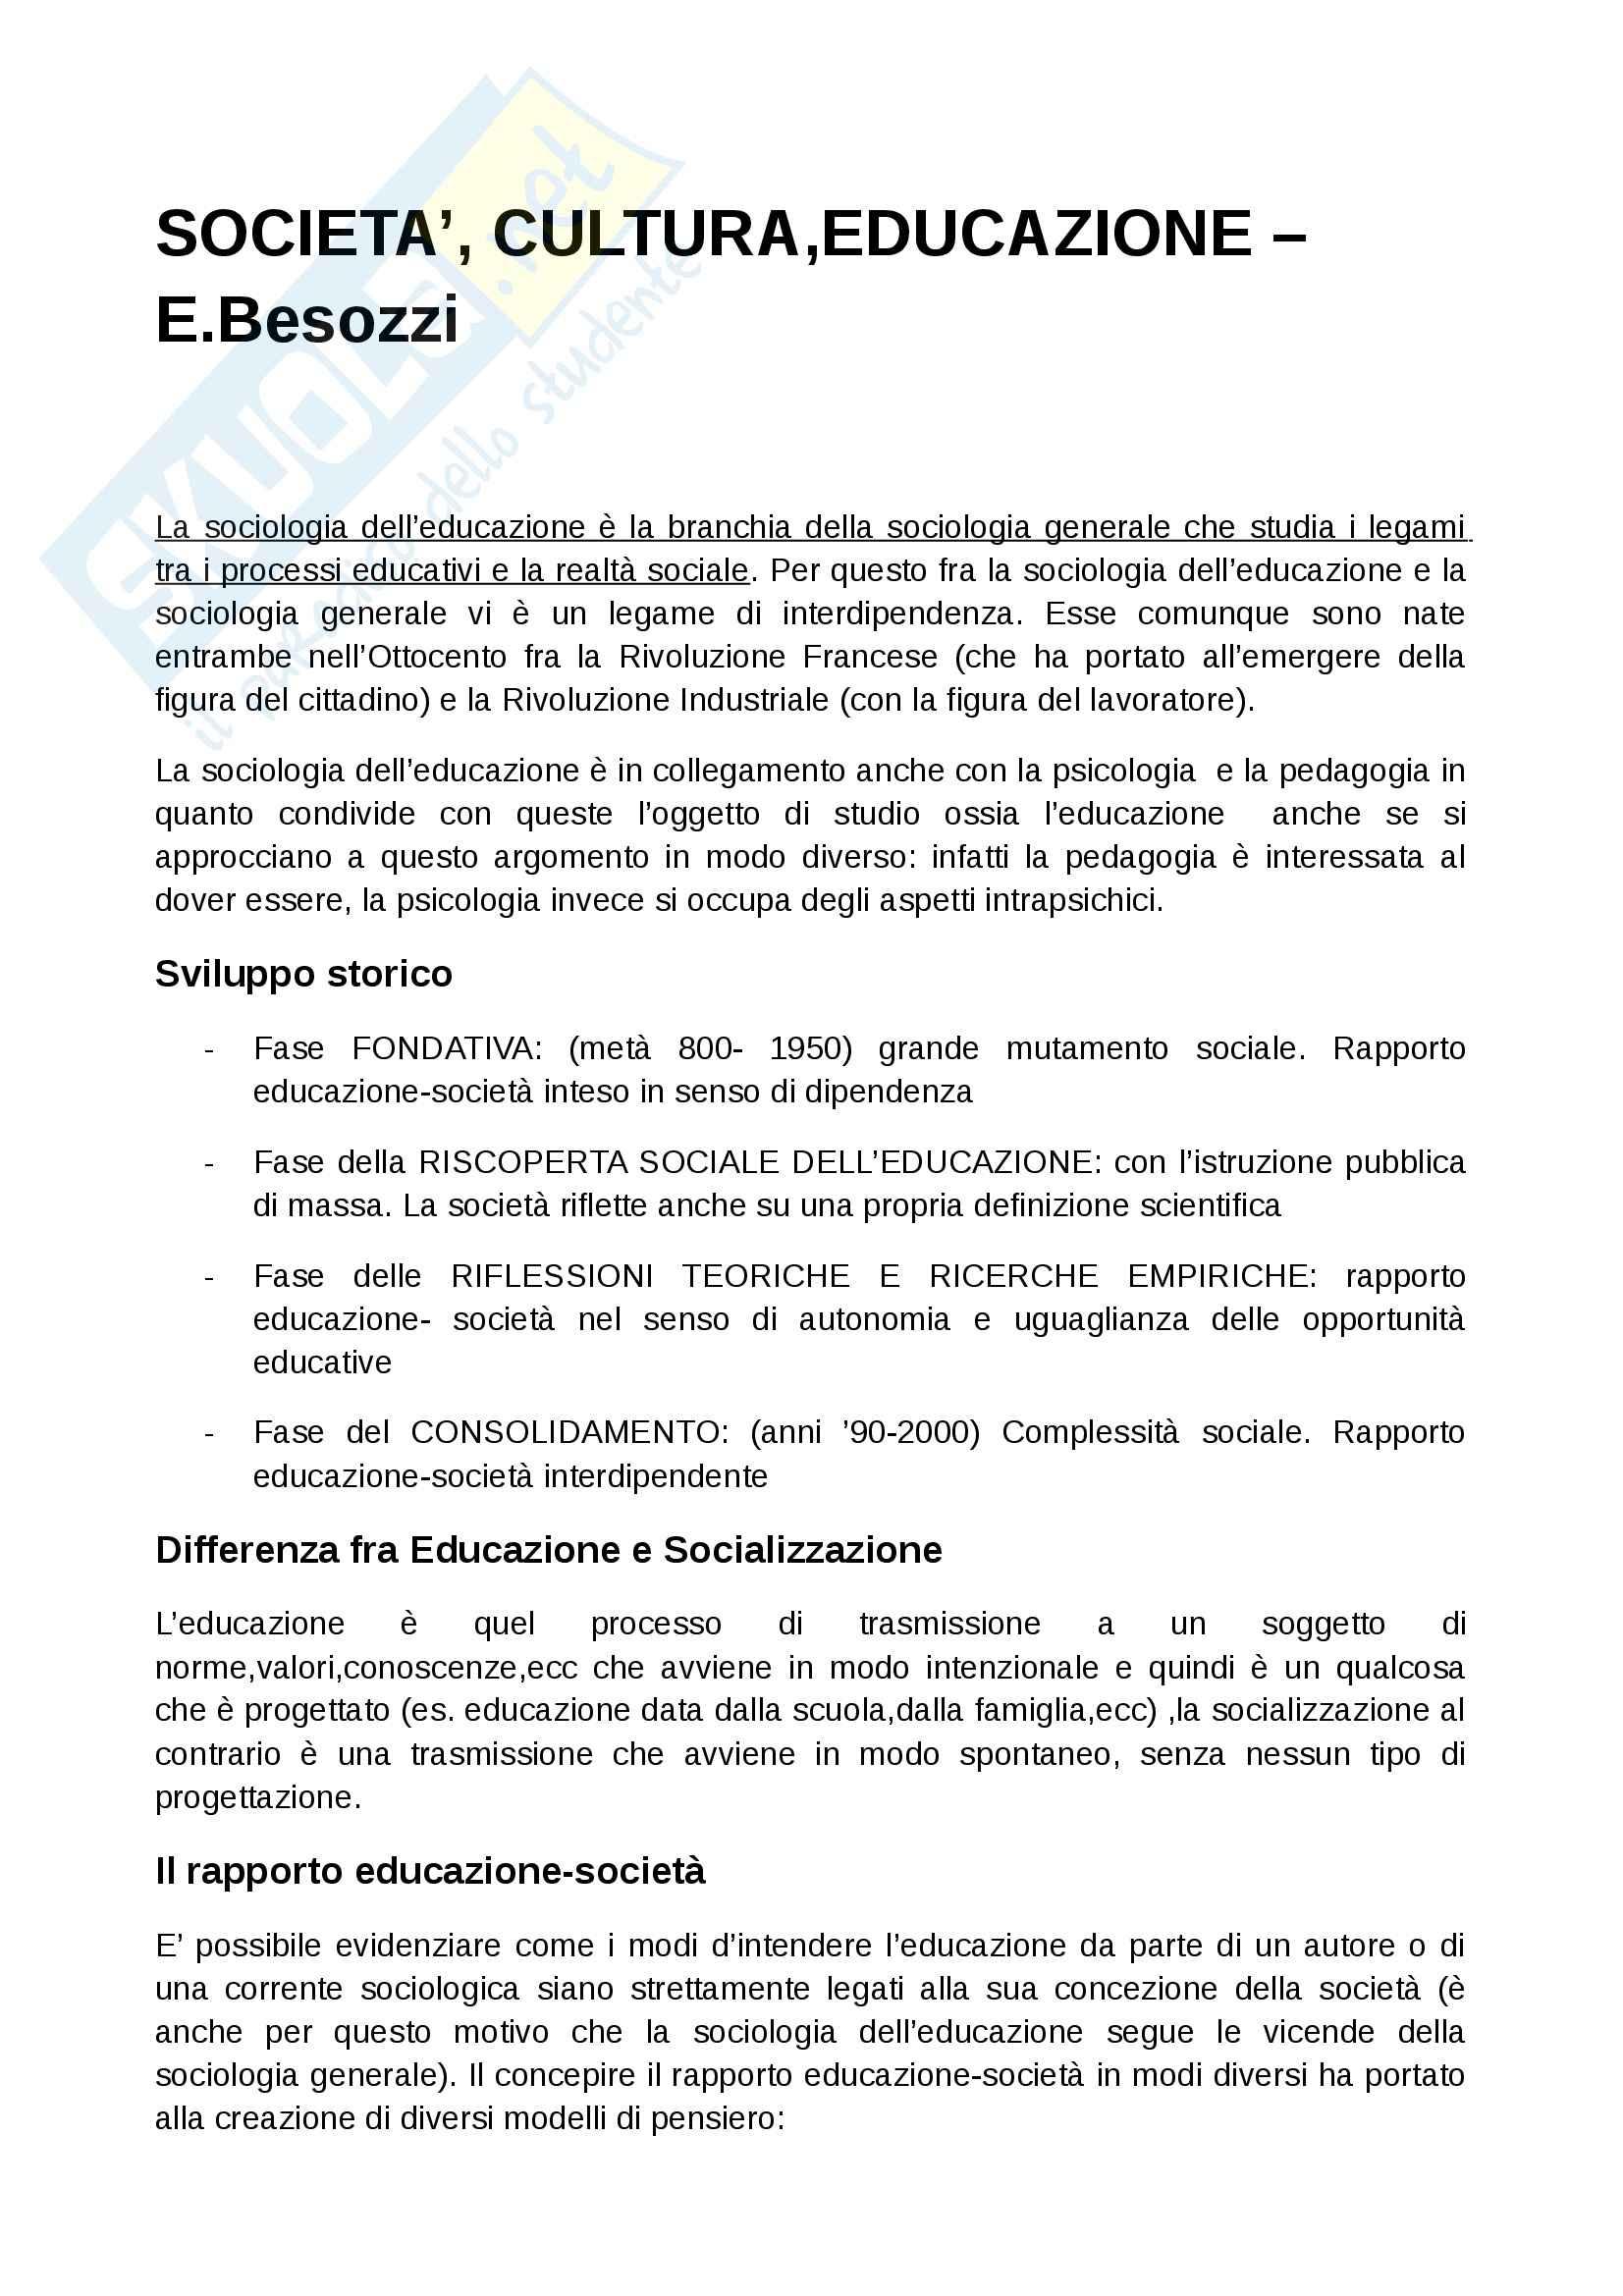 Riassunto esame Sociologia dell'educazione, prof. Giardiello, libro consigliato Società cultura educazione, Besozzi